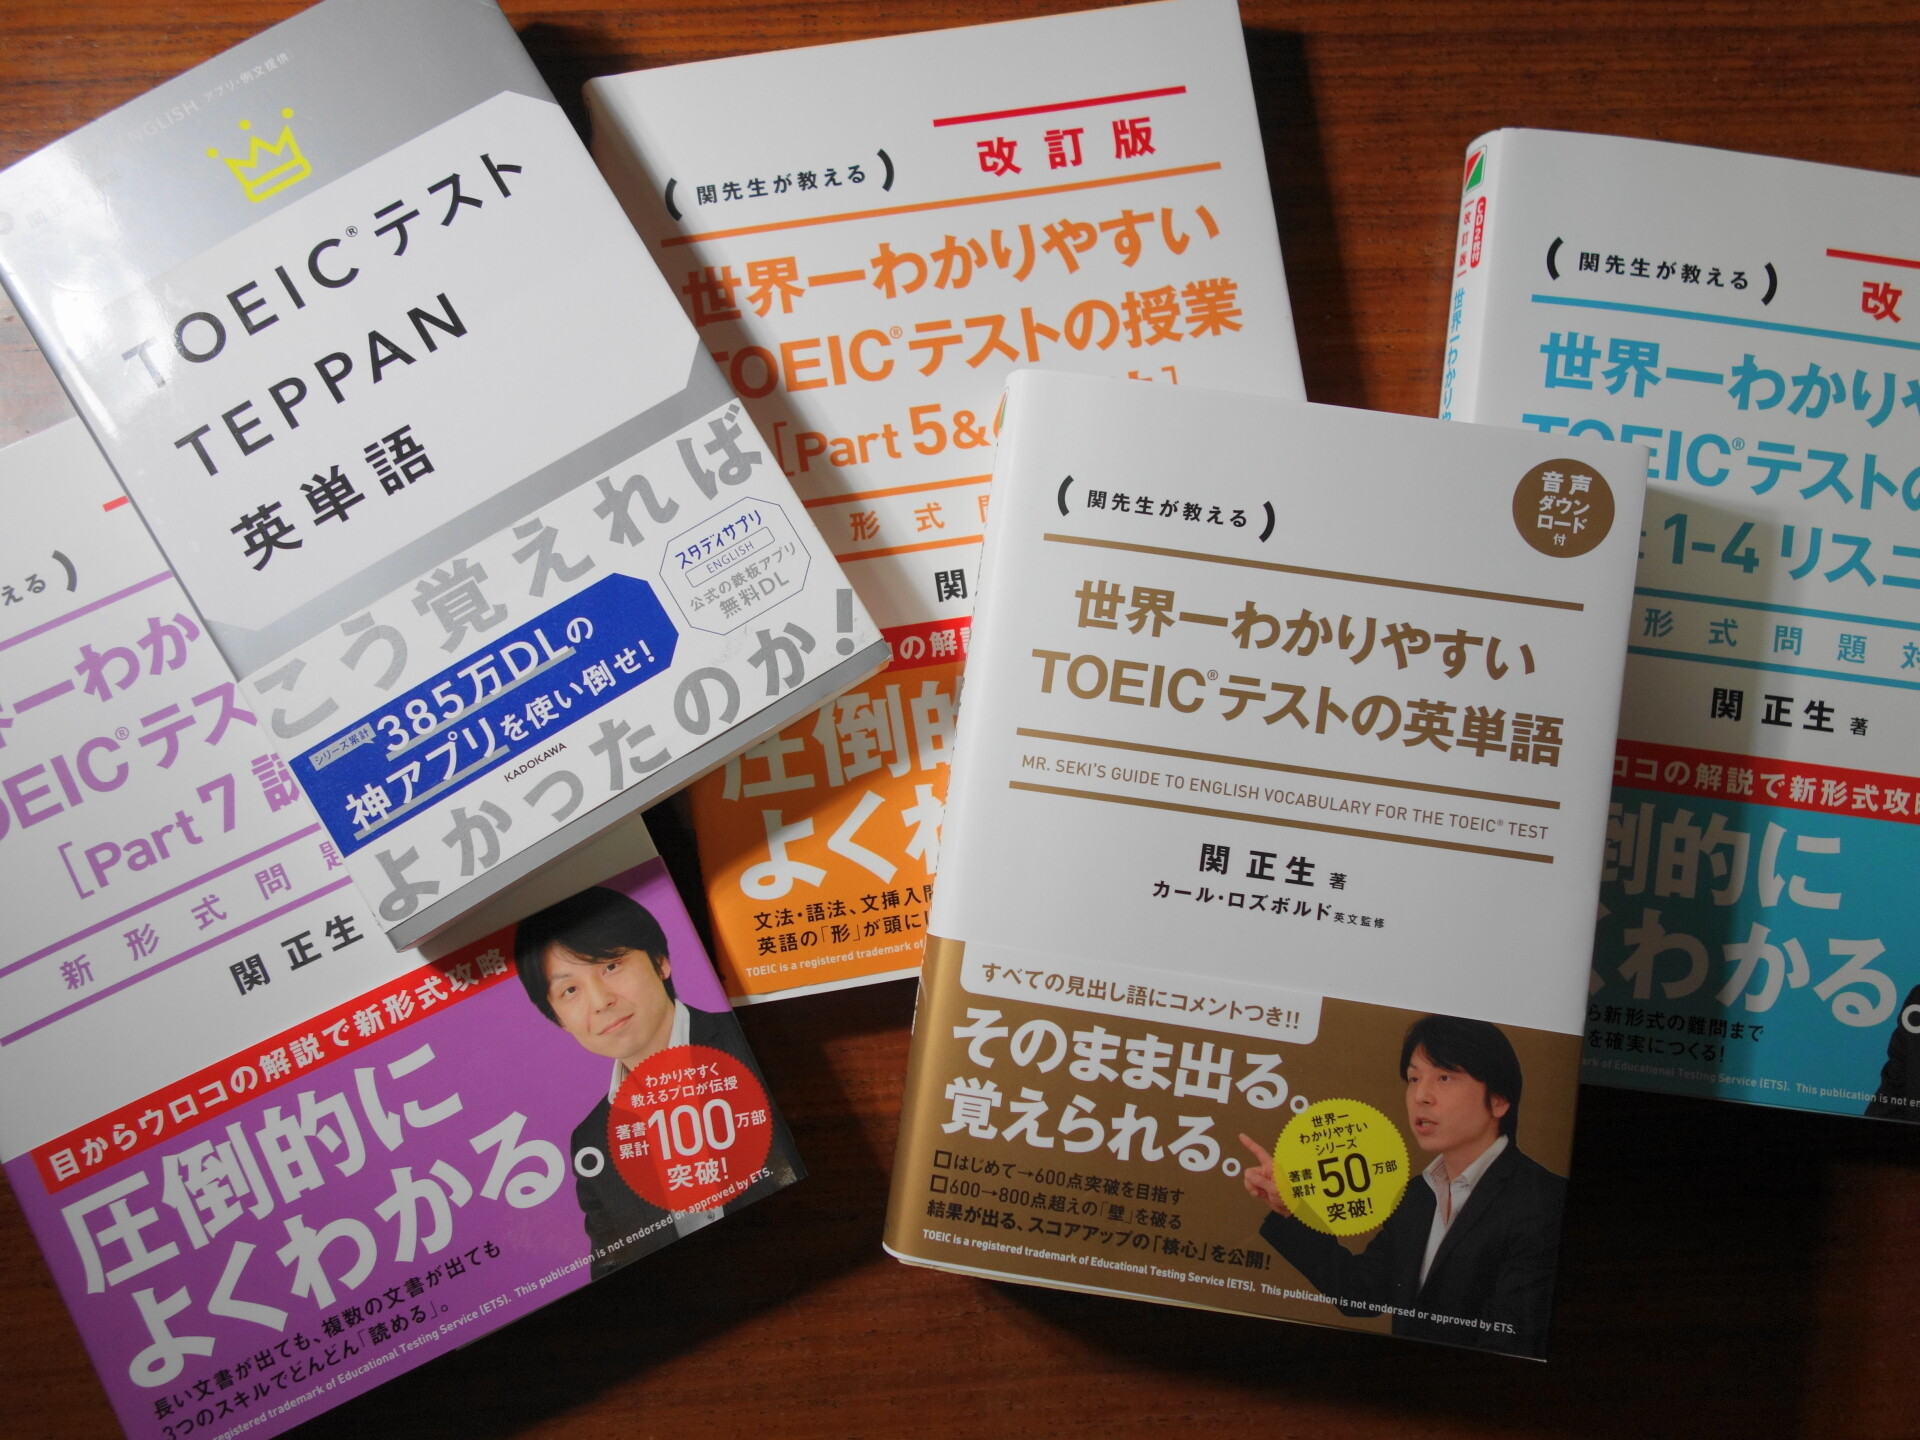 関先生のTOEIC関連の著書